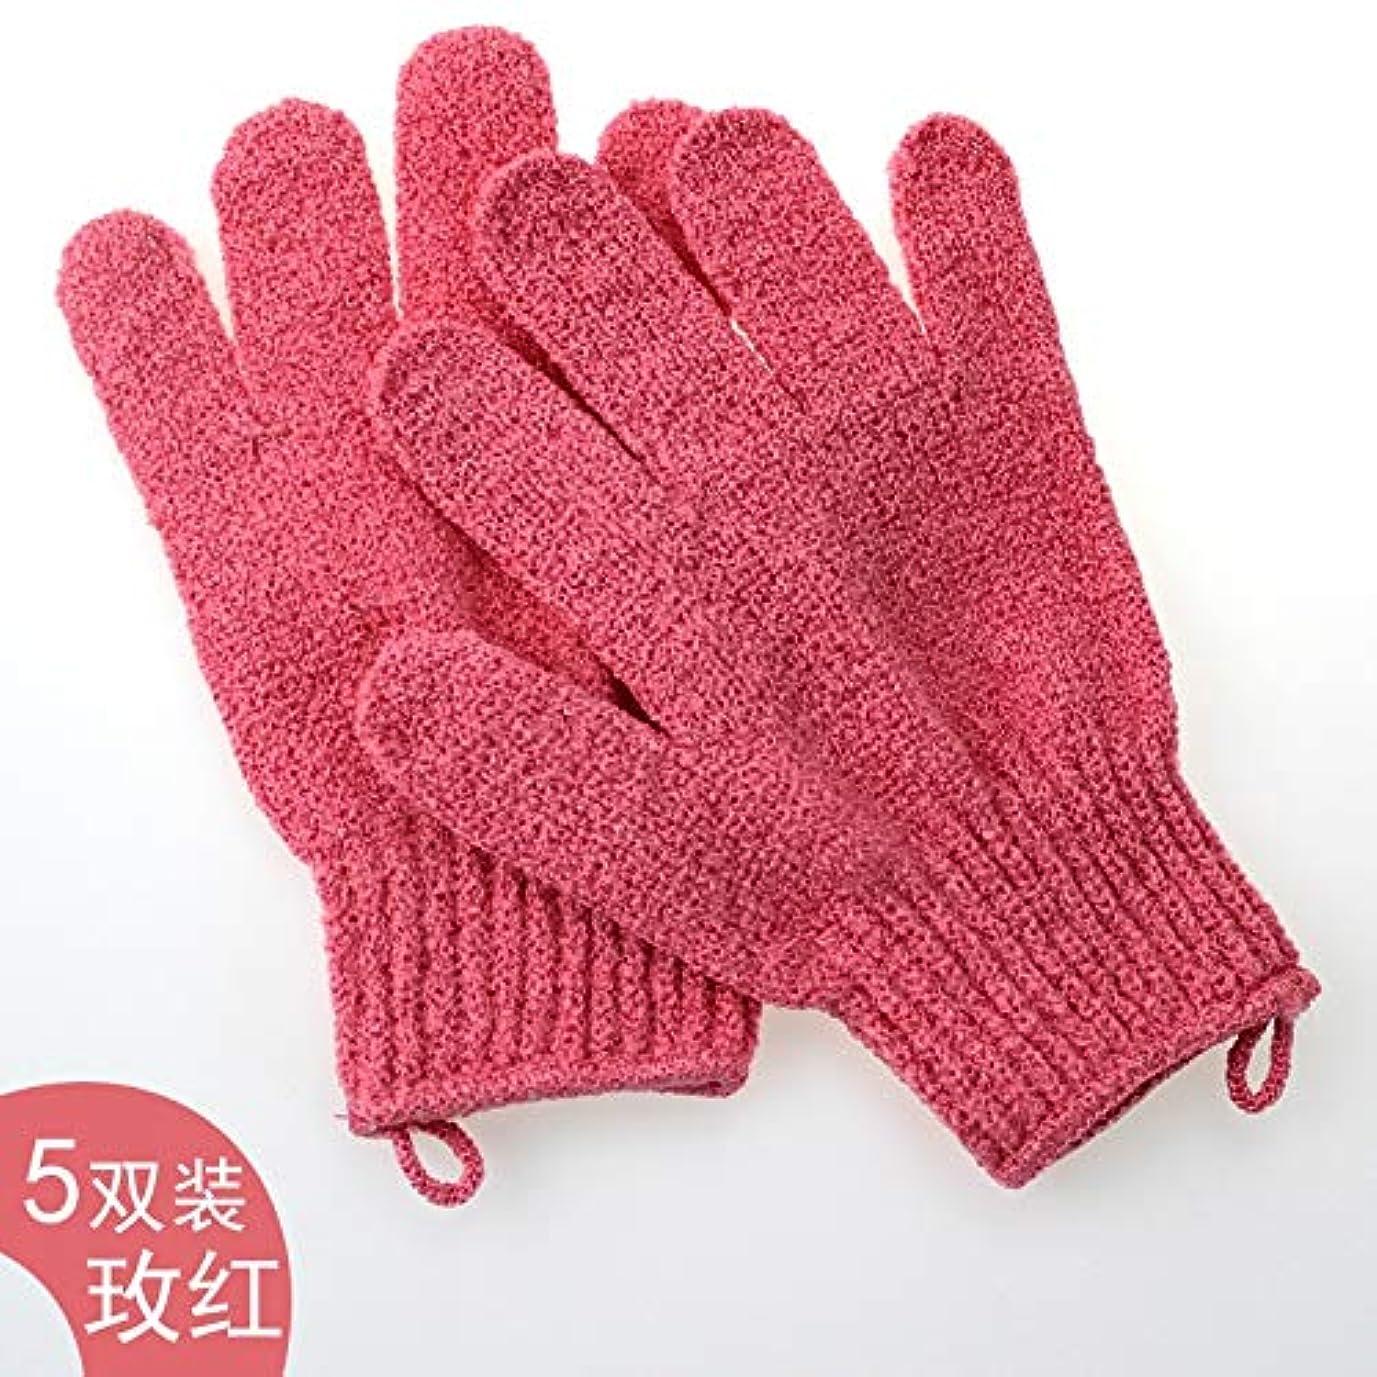 承認達成するそれに応じてBTXXYJP お風呂用手袋 シャワー手袋 あかすり ボディタオル ボディブラシ やわらか バス用品 男女兼用 角質除去 (Color : Red)